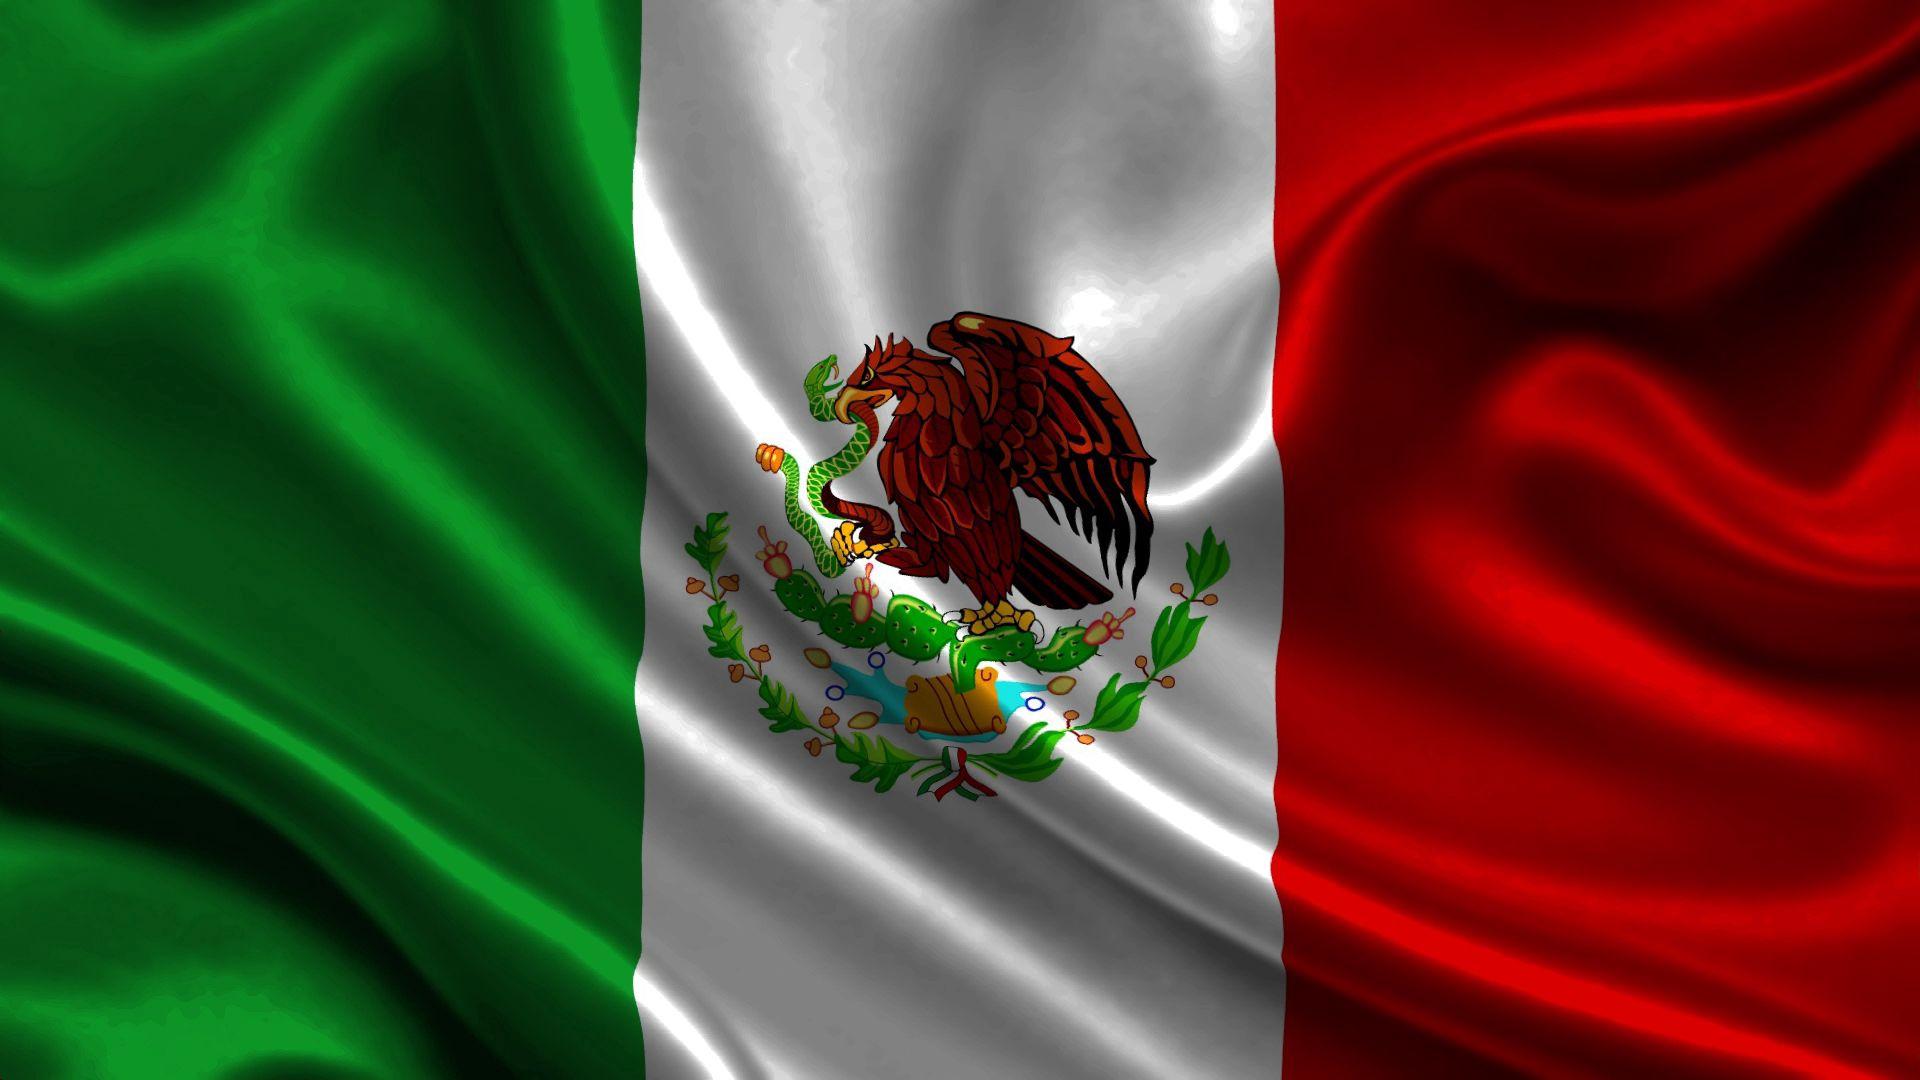 78701 Hintergrundbild herunterladen Wappen, Verschiedenes, Sonstige, Flagge, Flag, Atlas, Symbolismus, Symbolik, Mexiko - Bildschirmschoner und Bilder kostenlos